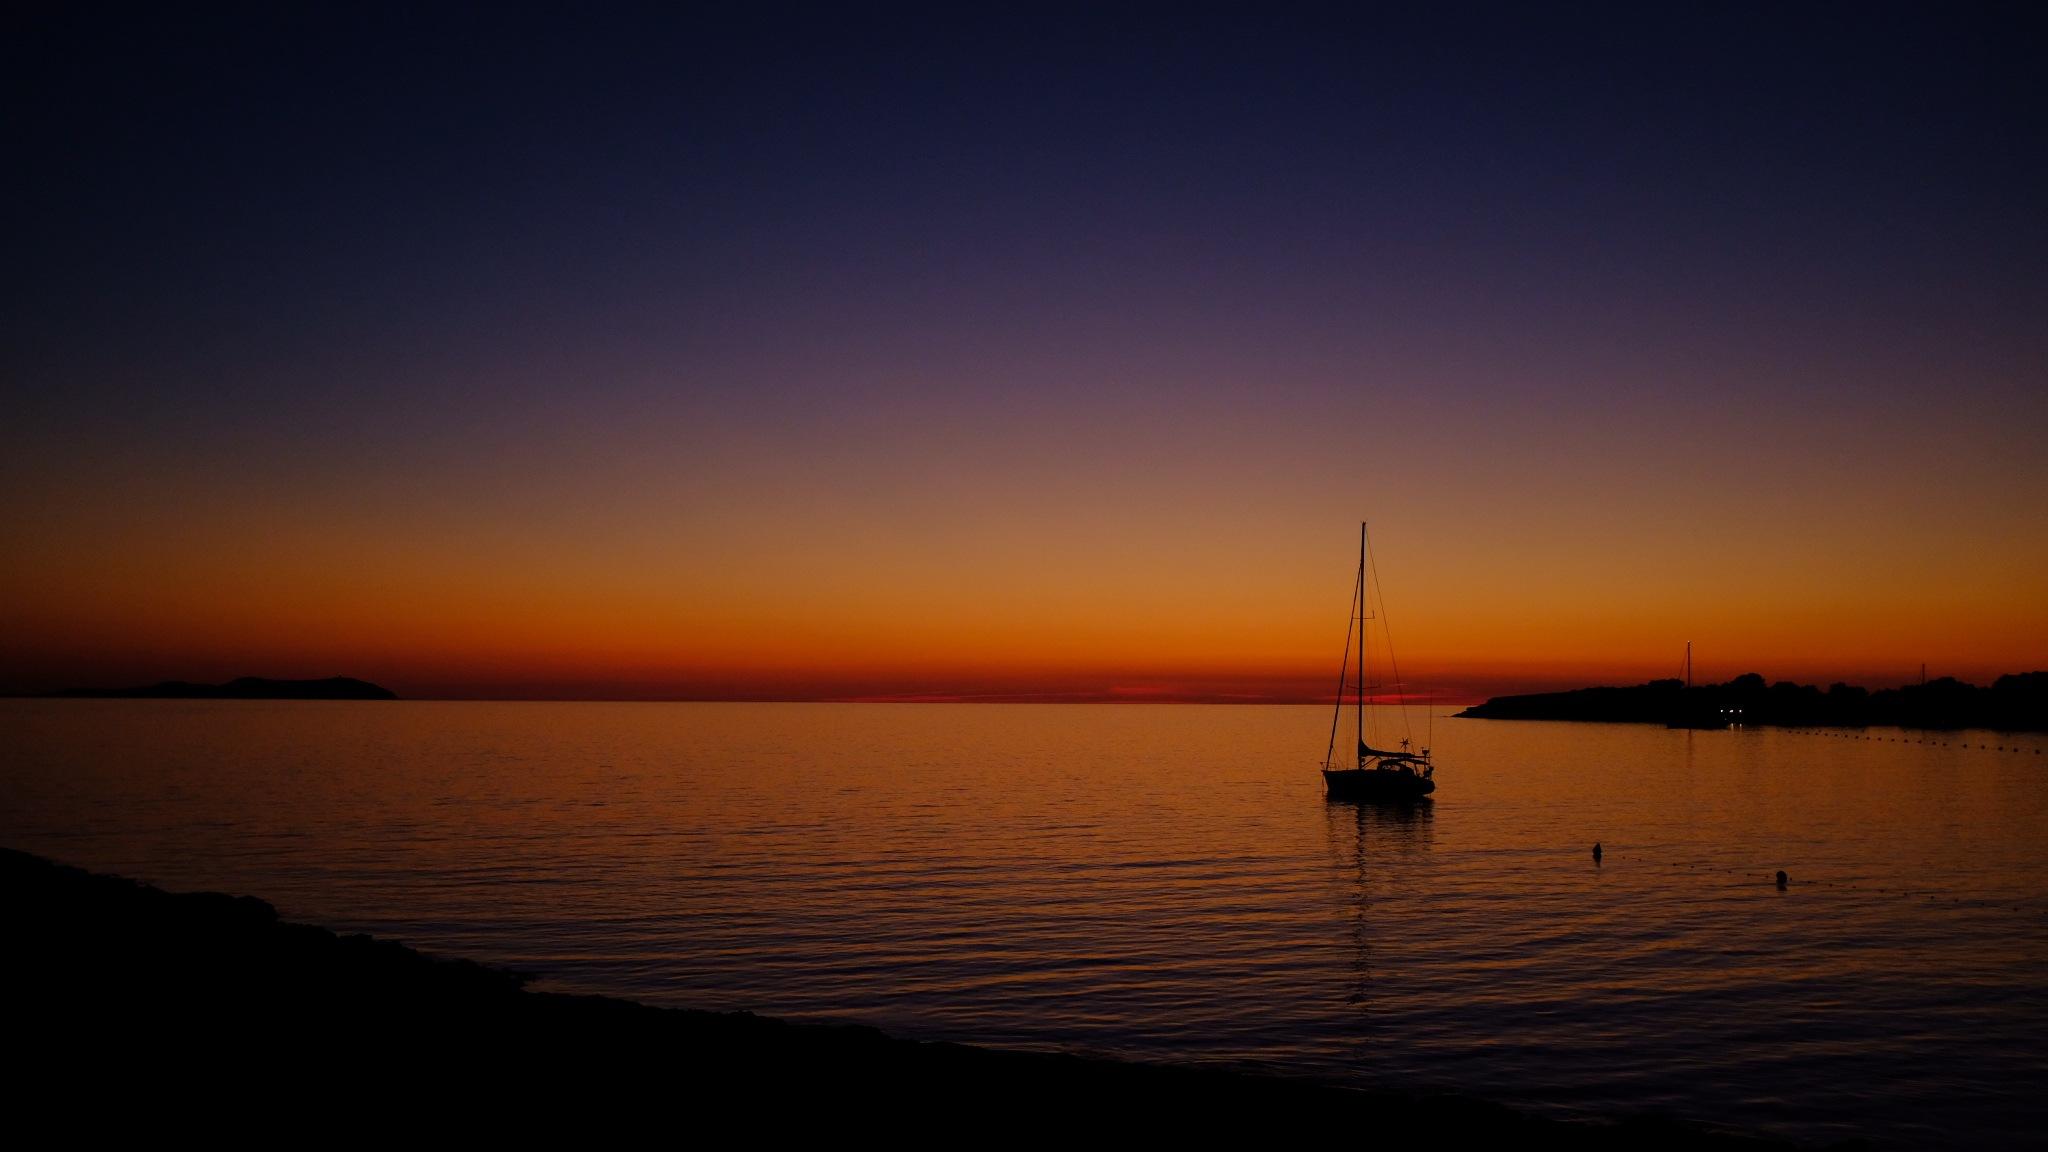 Ibiza Sunset - Cafe del Mar by Stefan Burgerhout